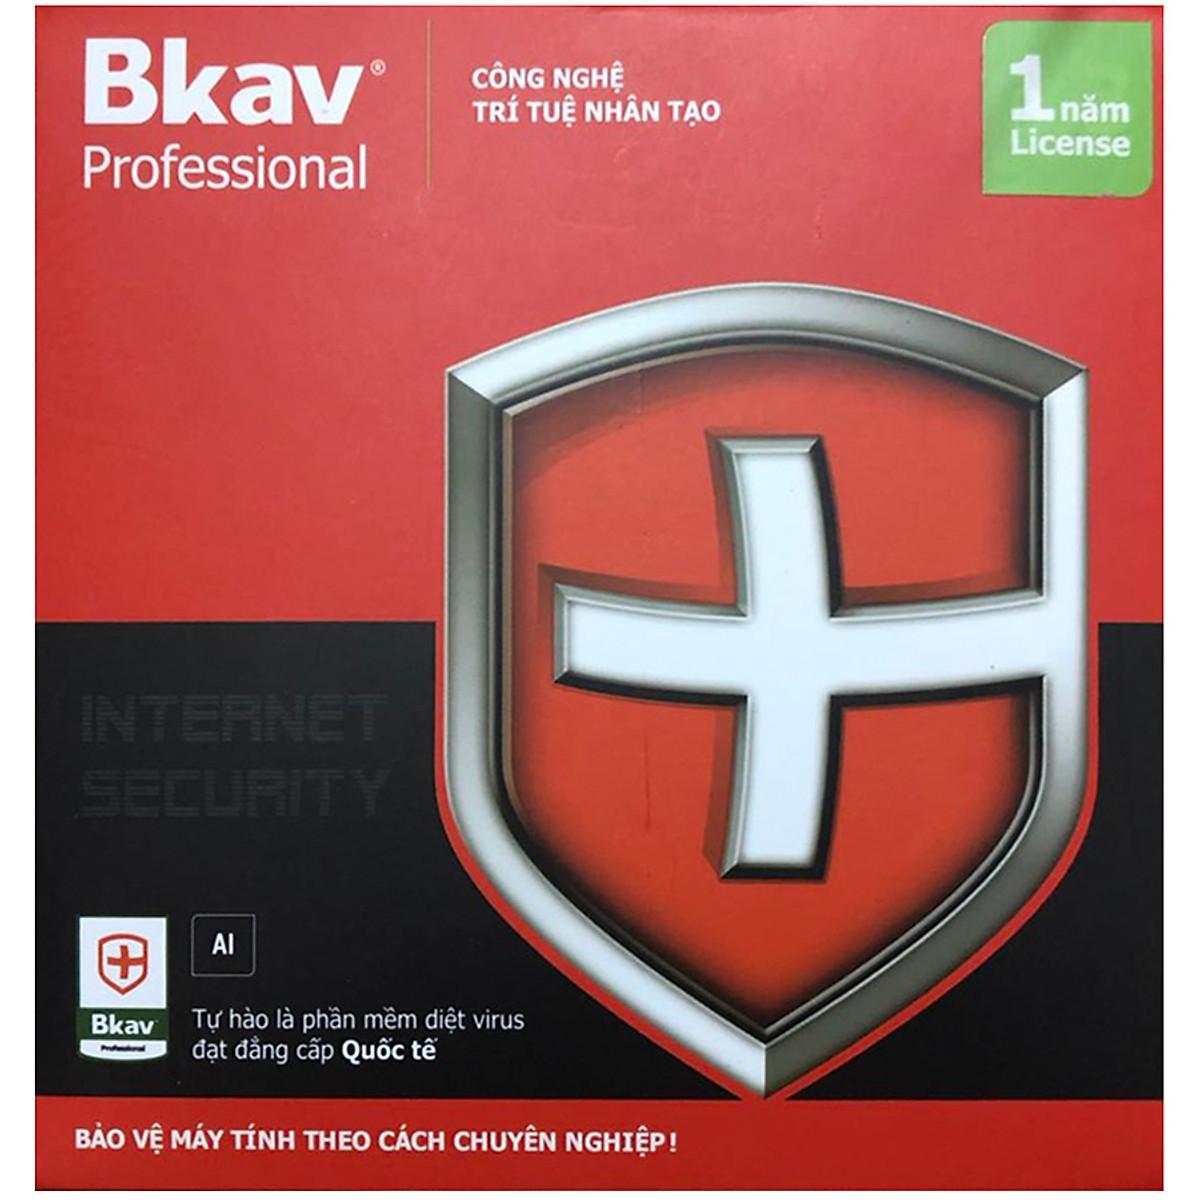 Phần Mềm Diệt Virus BKAV Profressional 1 PC 12 Tháng – Hàng Chính Hãng